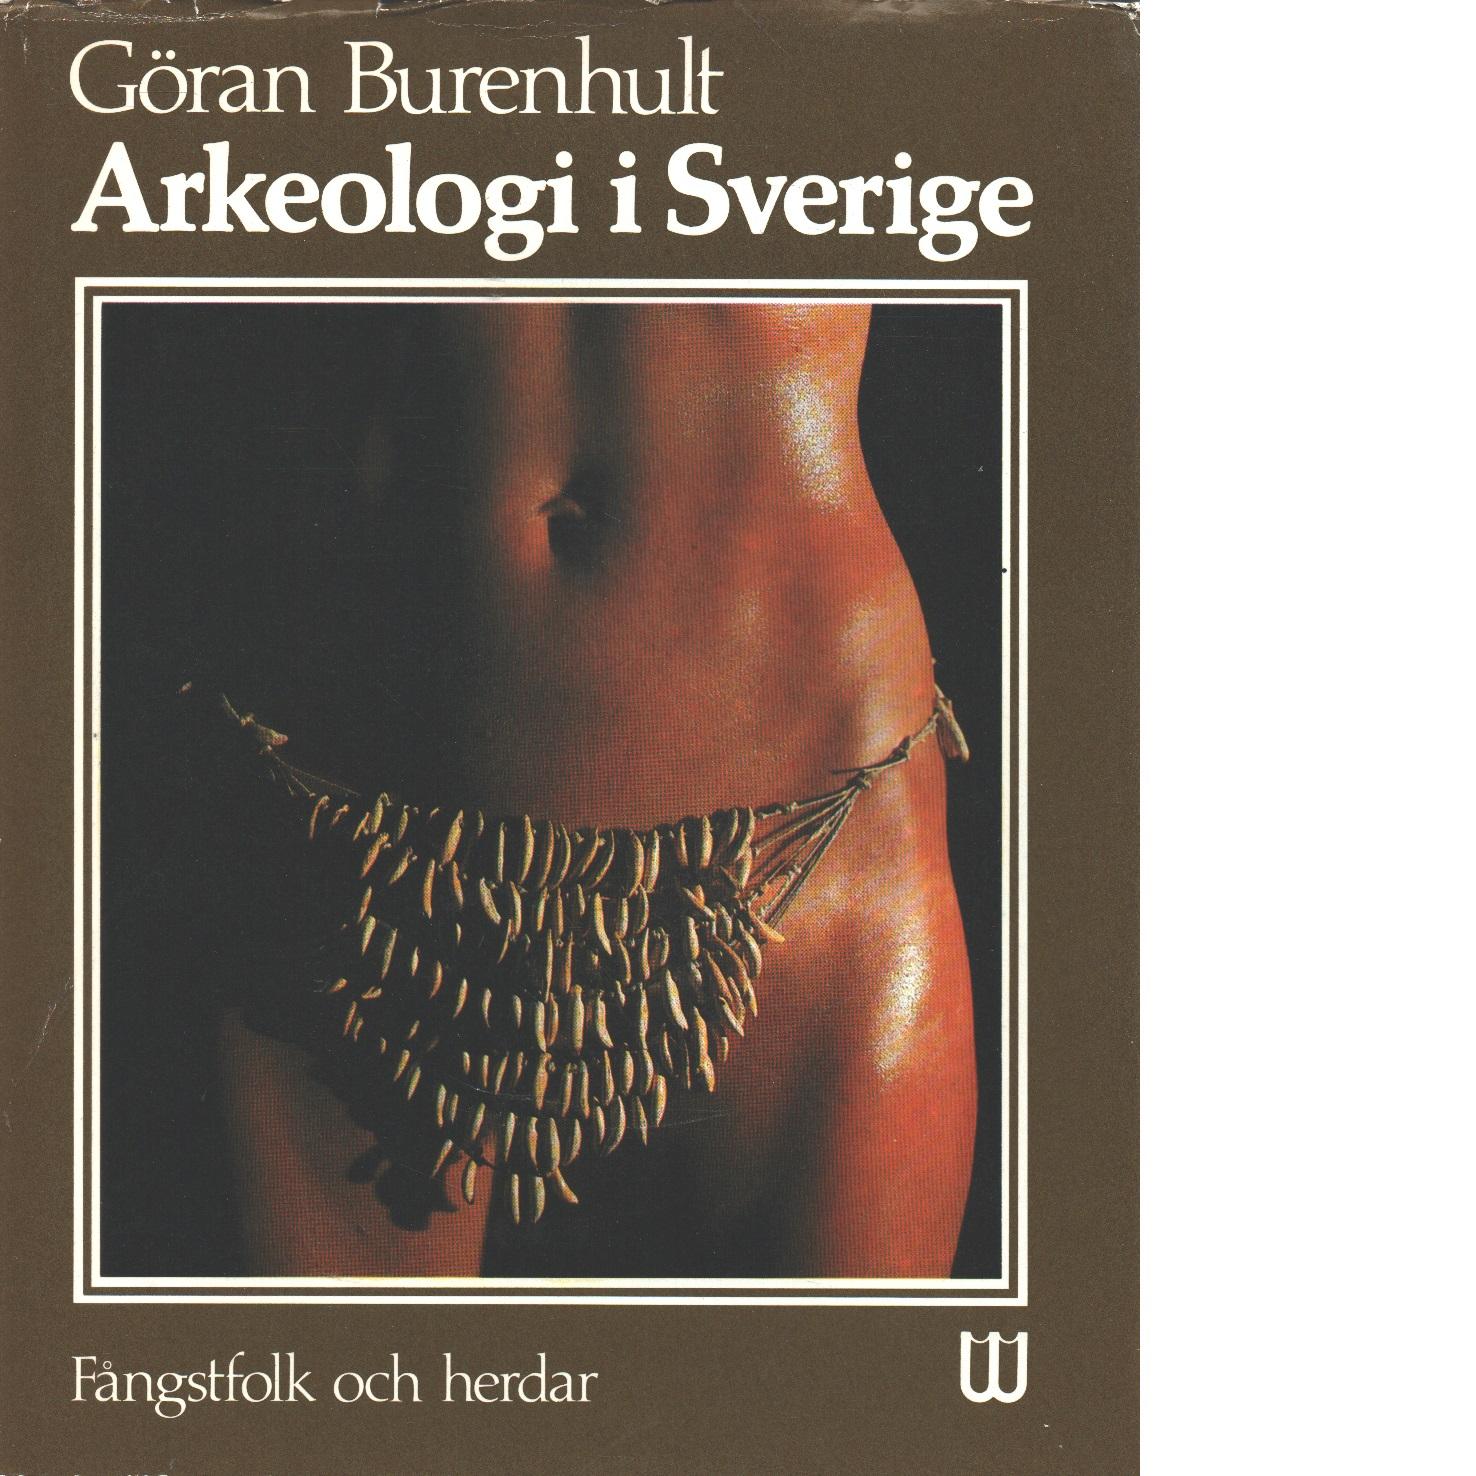 Arkeologi i Sverige 1 Fångstfolk och herdar - Burenhult, Göran